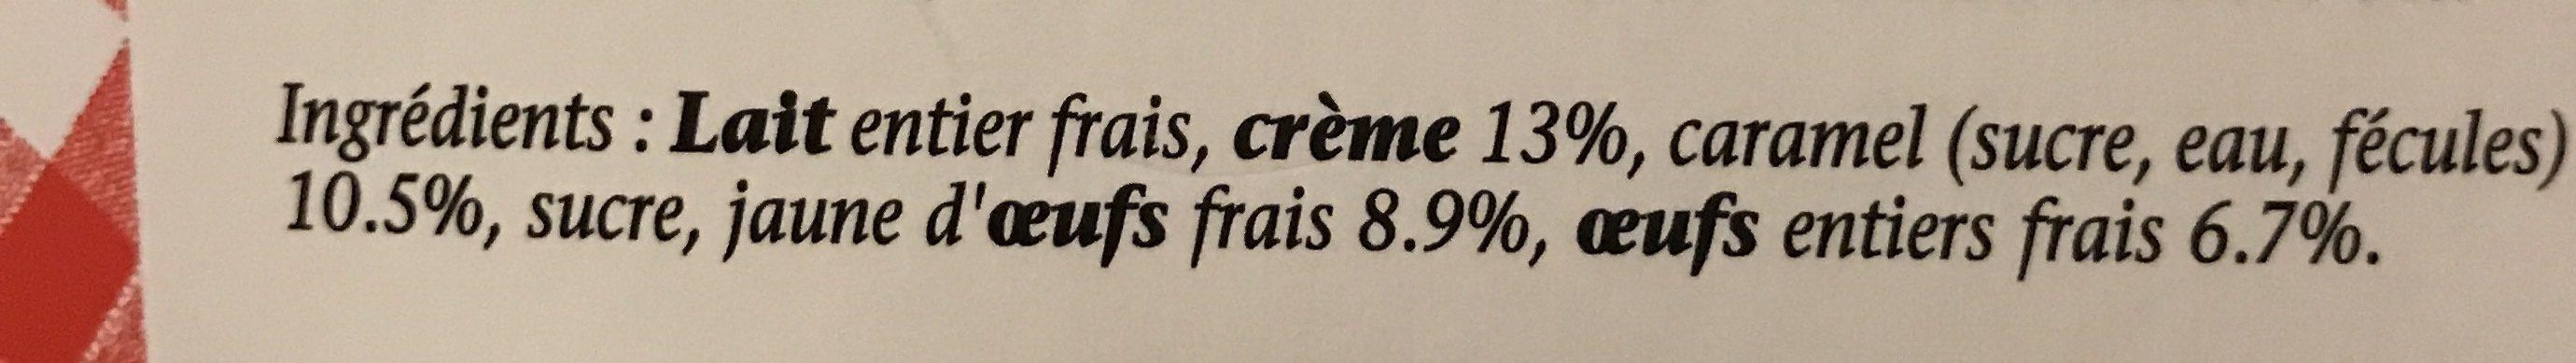 Crème caramel aux œufs frais - Ingrédients - fr